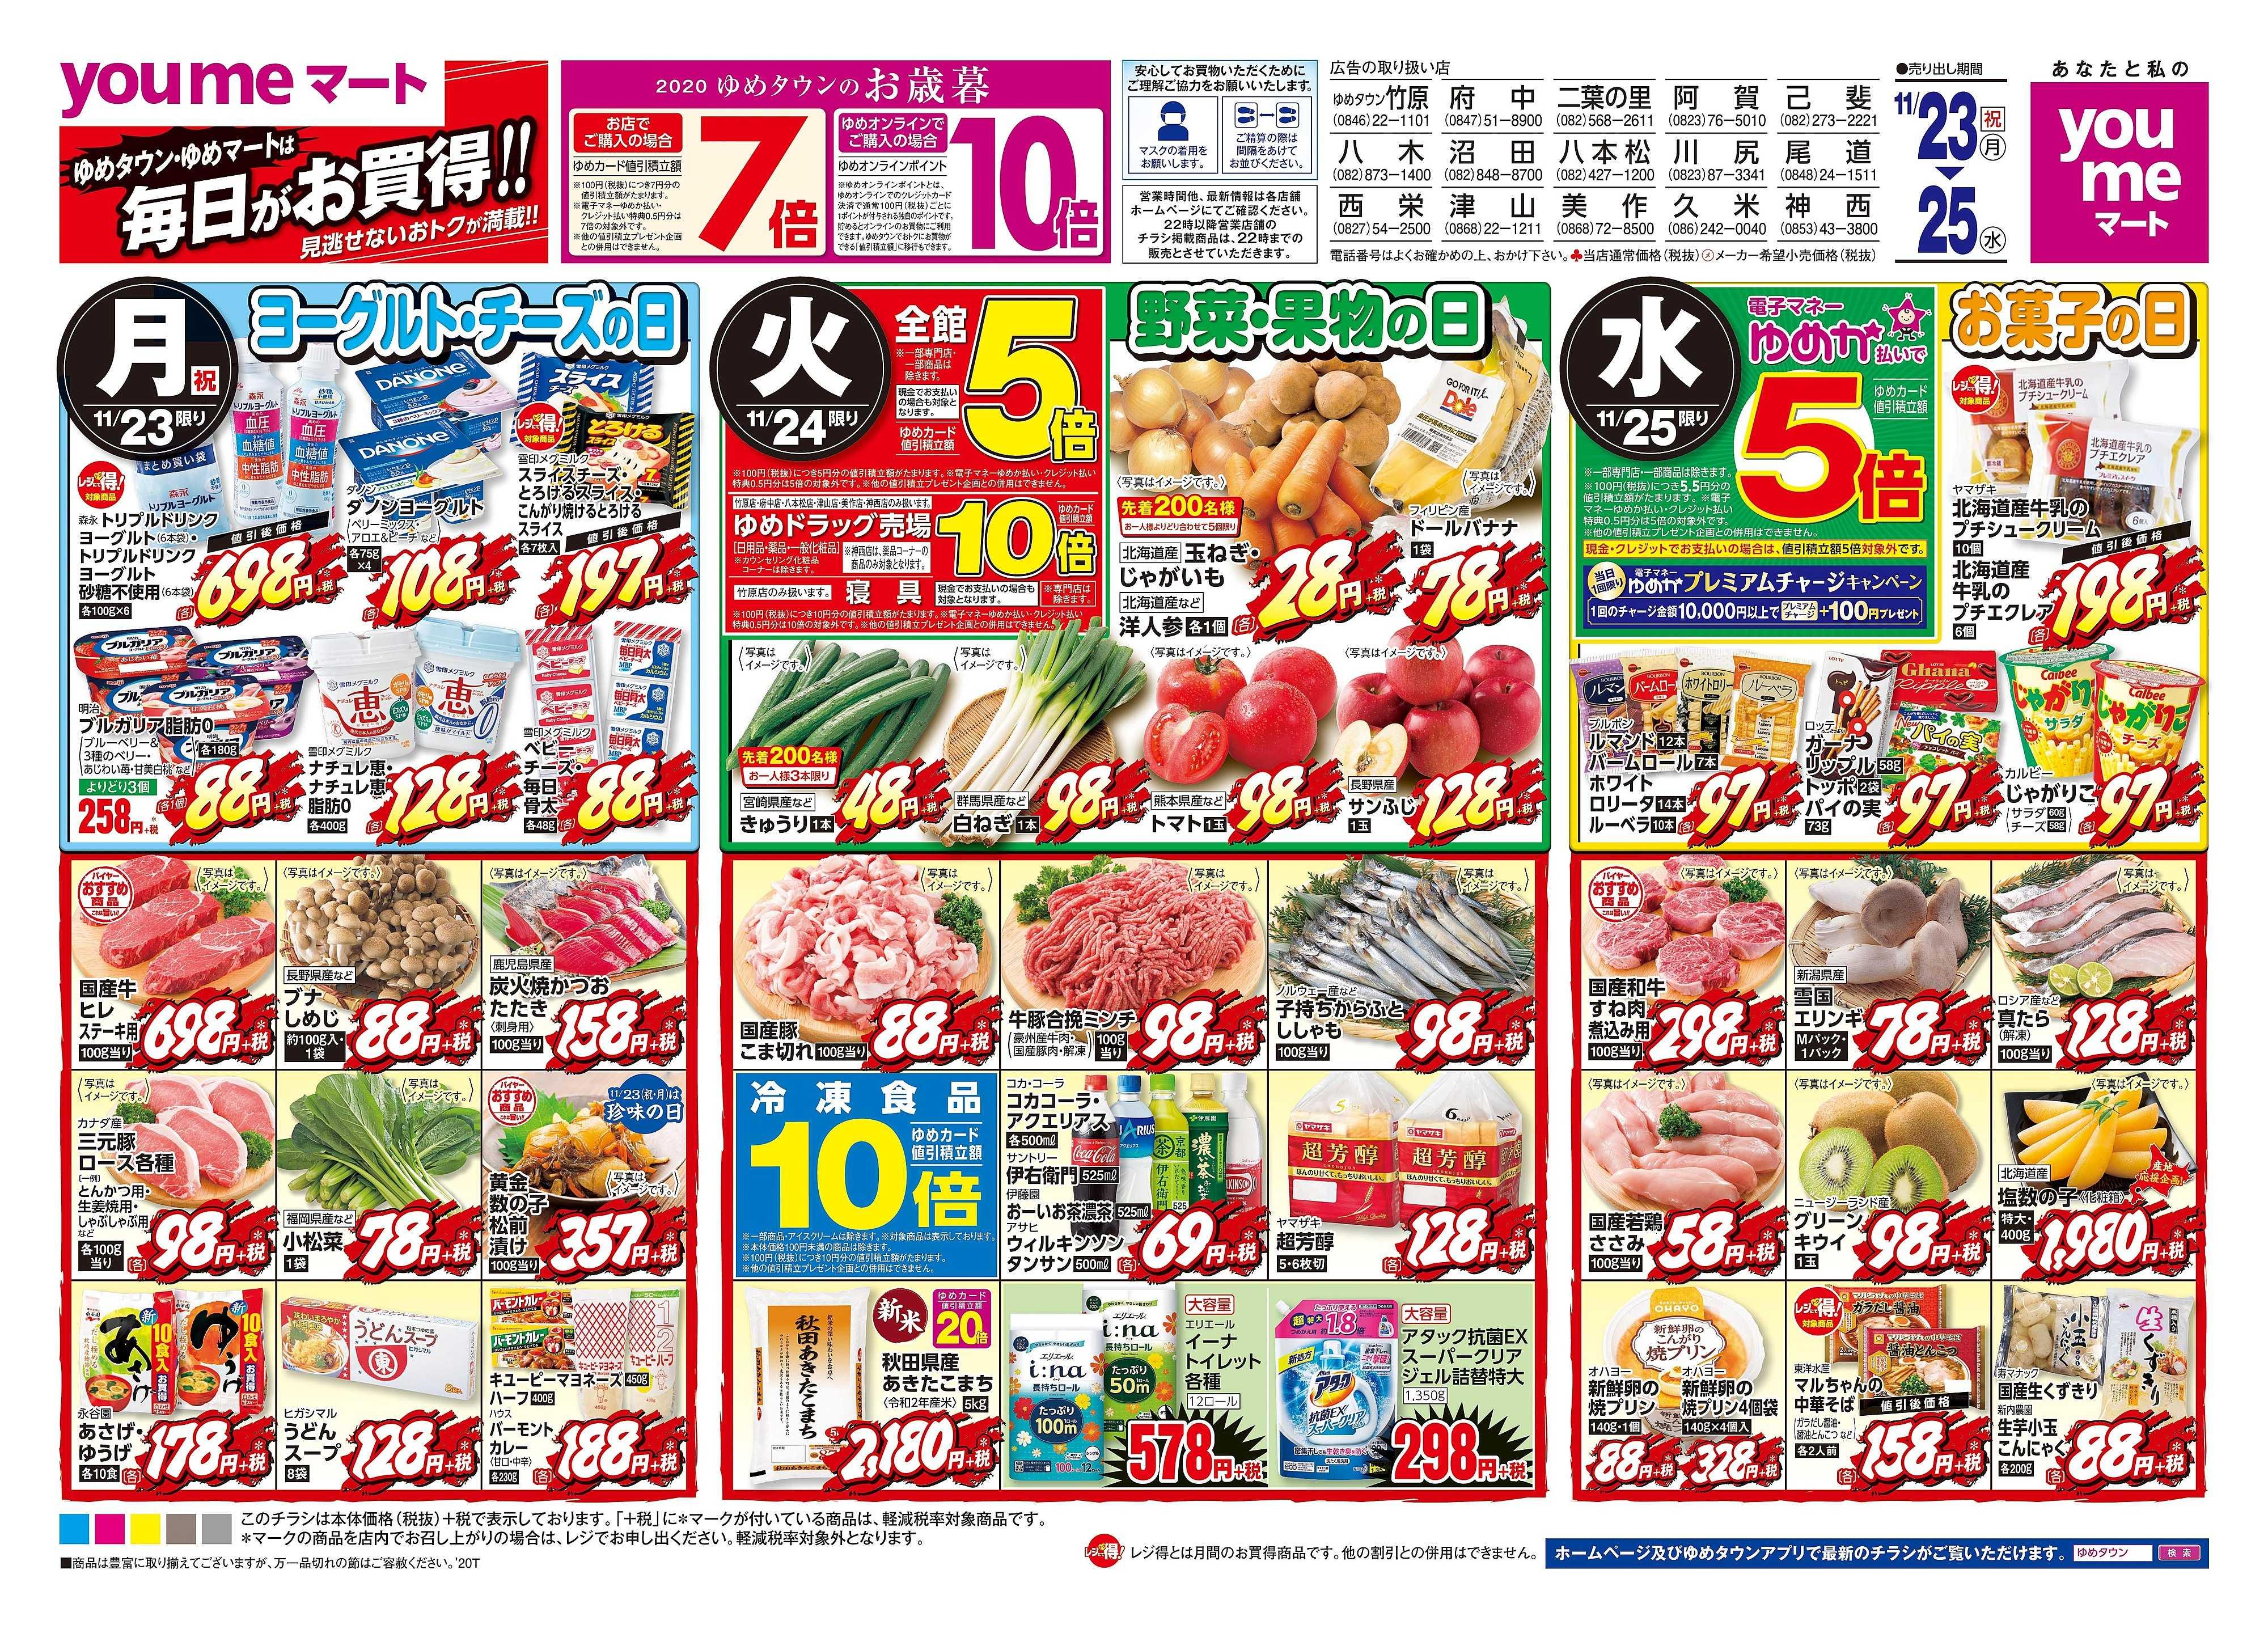 ゆめマート 11/23(祝・月)-11/25(水)